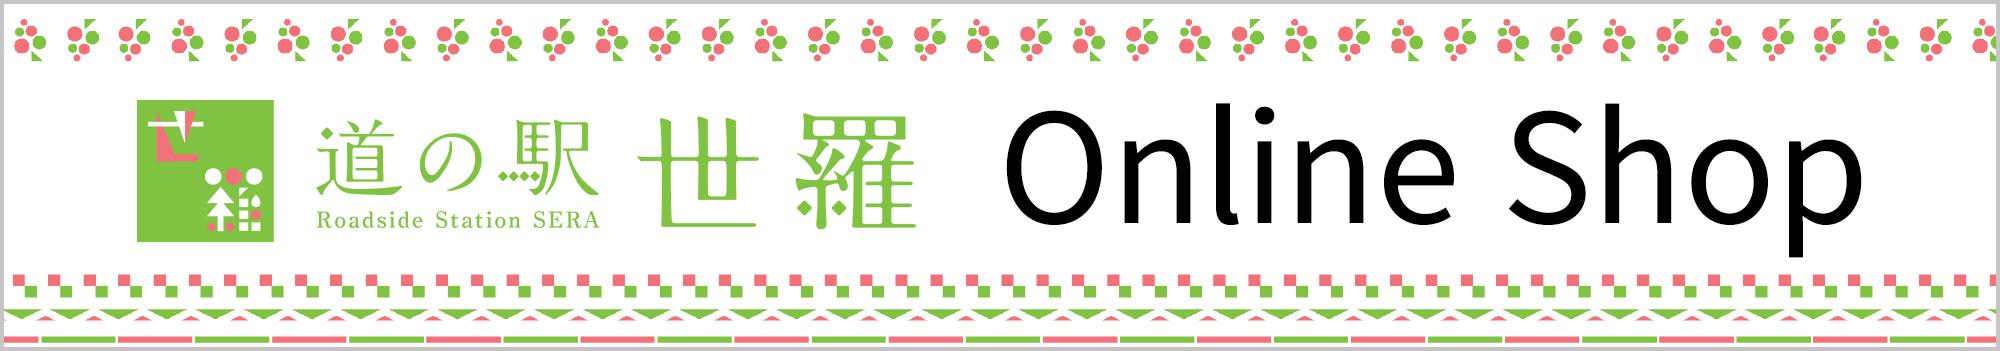 道の駅世羅Online Shop